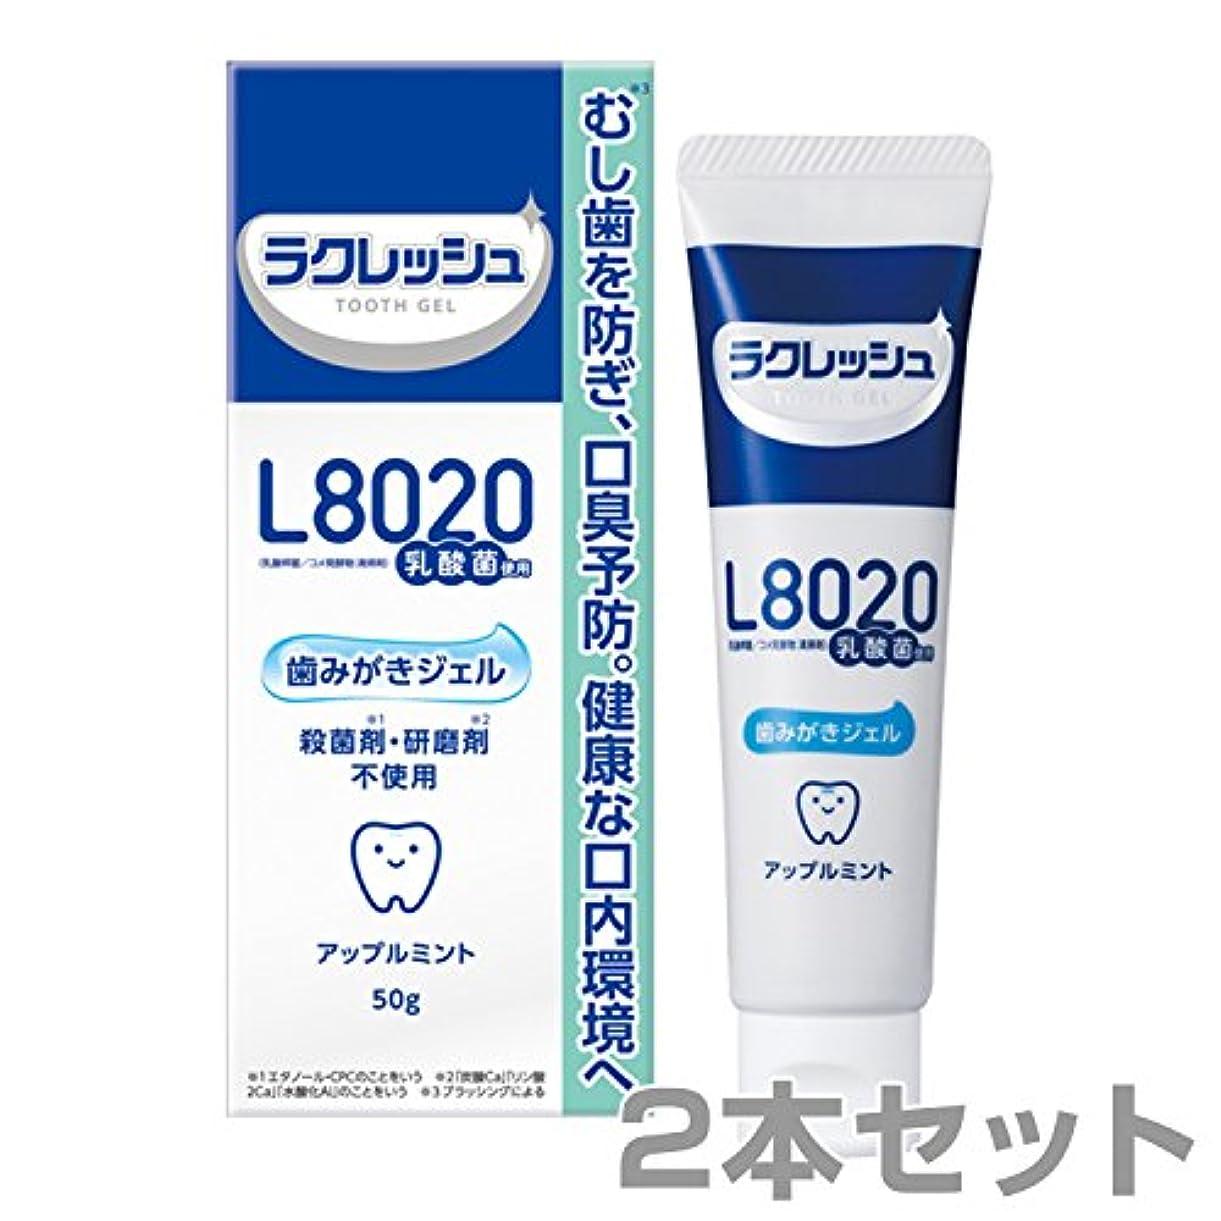 いわゆる個人的な丘ジェクス(JEX) ラクレッシュ L8020 乳酸菌 歯みがきジェル (50g) 2本セット アップルミント風味